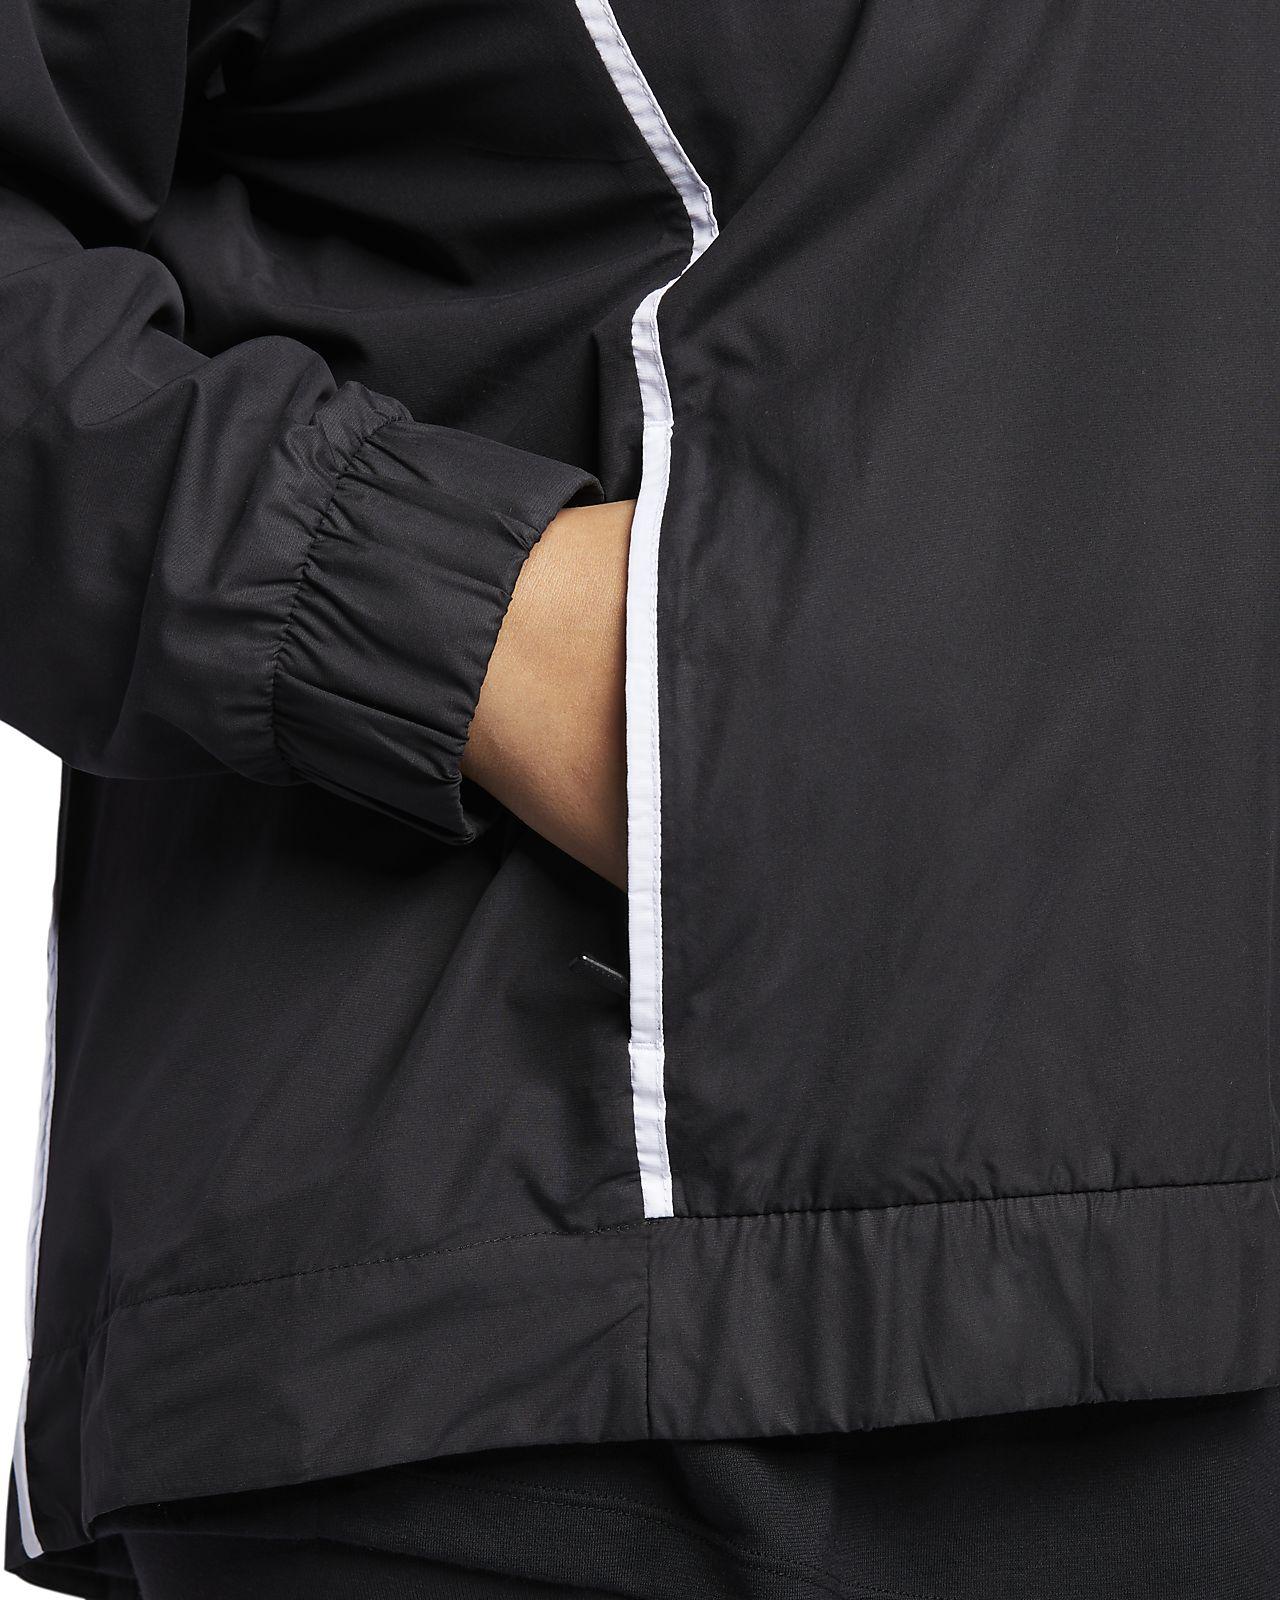 ccf87b215c7e7 Nike Sportswear Windrunner (Plus Size) Women s Jacket. Nike.com IE